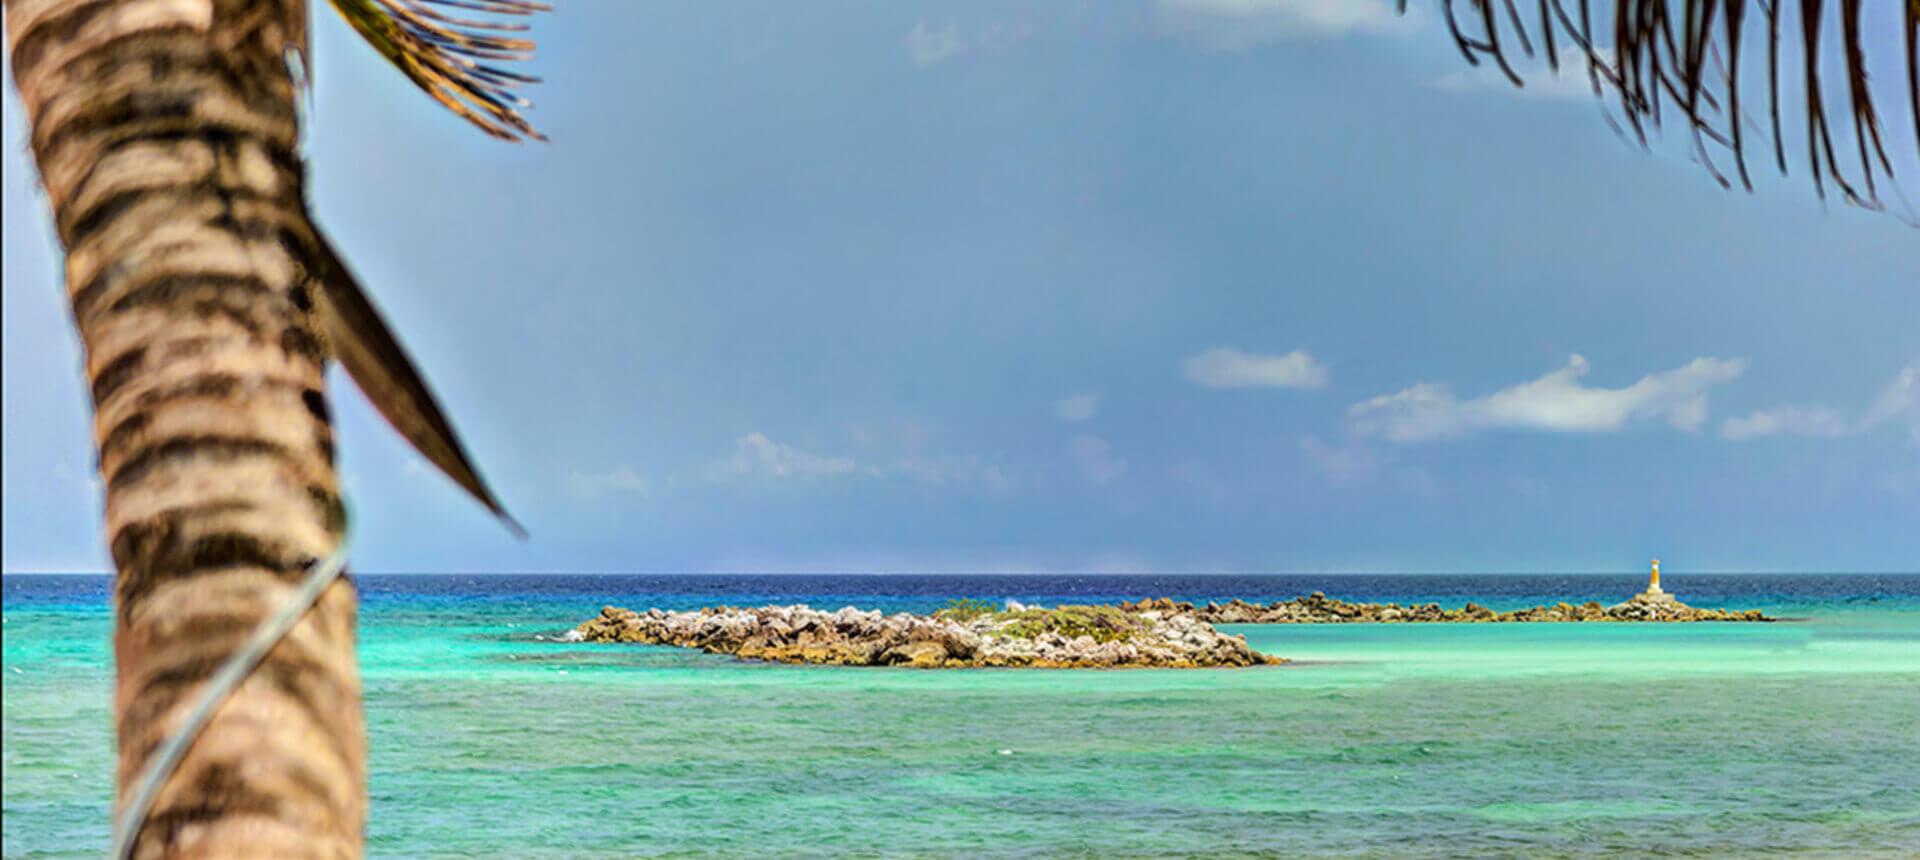 Luxury villa on the beach for rent in Puerto Aventuras